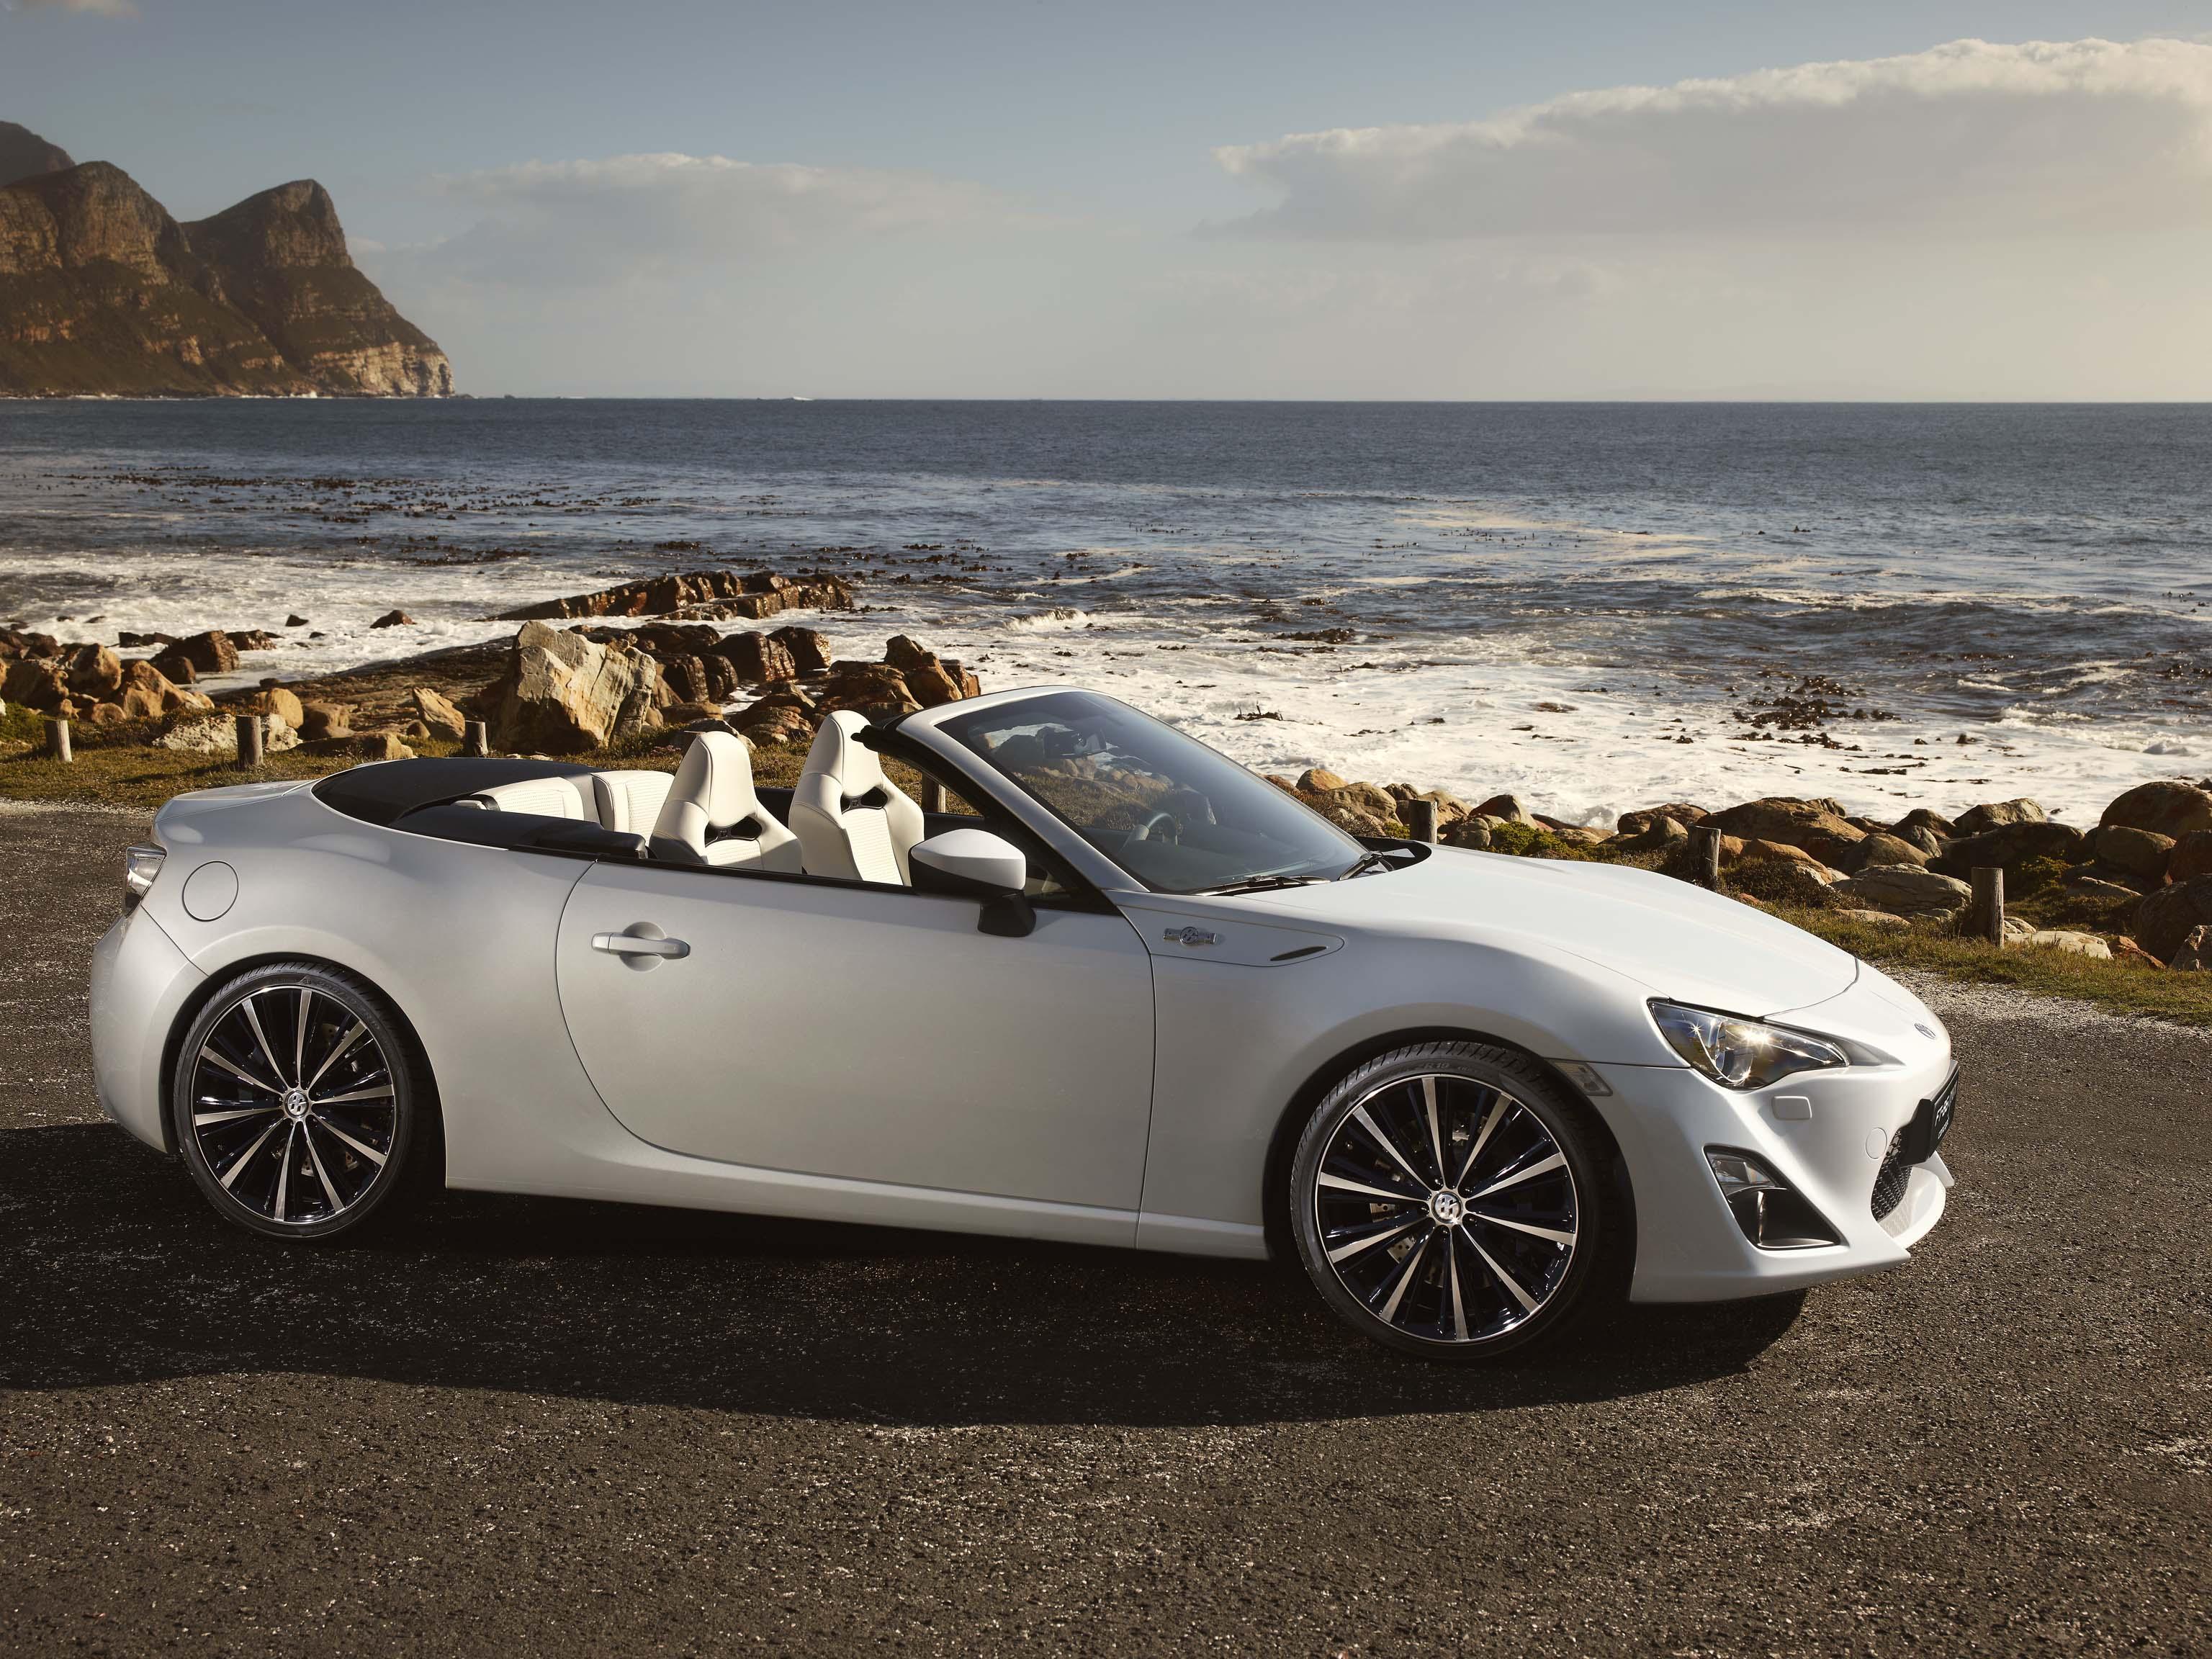 http://images.caradisiac.com/images/4/8/6/3/84863/S0-Salon-de-Geneve-2013-Le-concept-Toyota-FT-86-Open-se-montre-286780.jpg